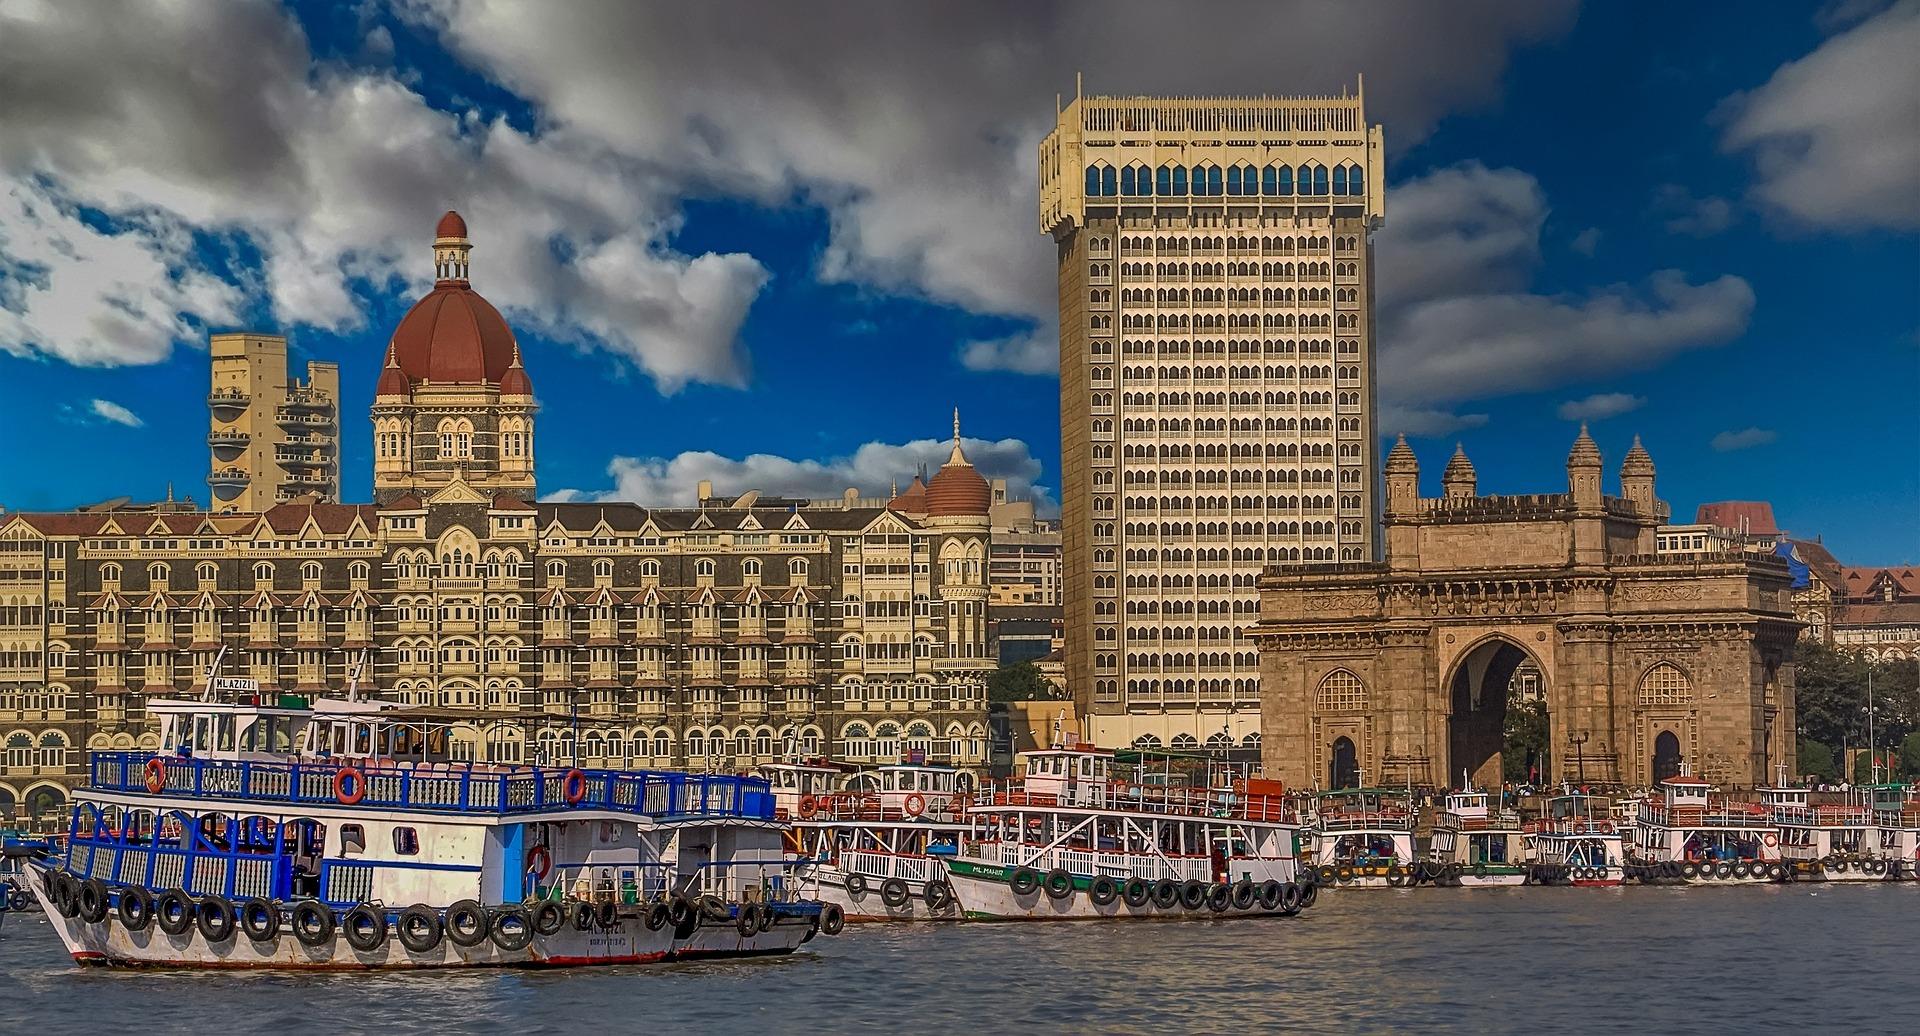 http://aktsa.org/img_2019/images/mumbai-1370023_1920.jpg